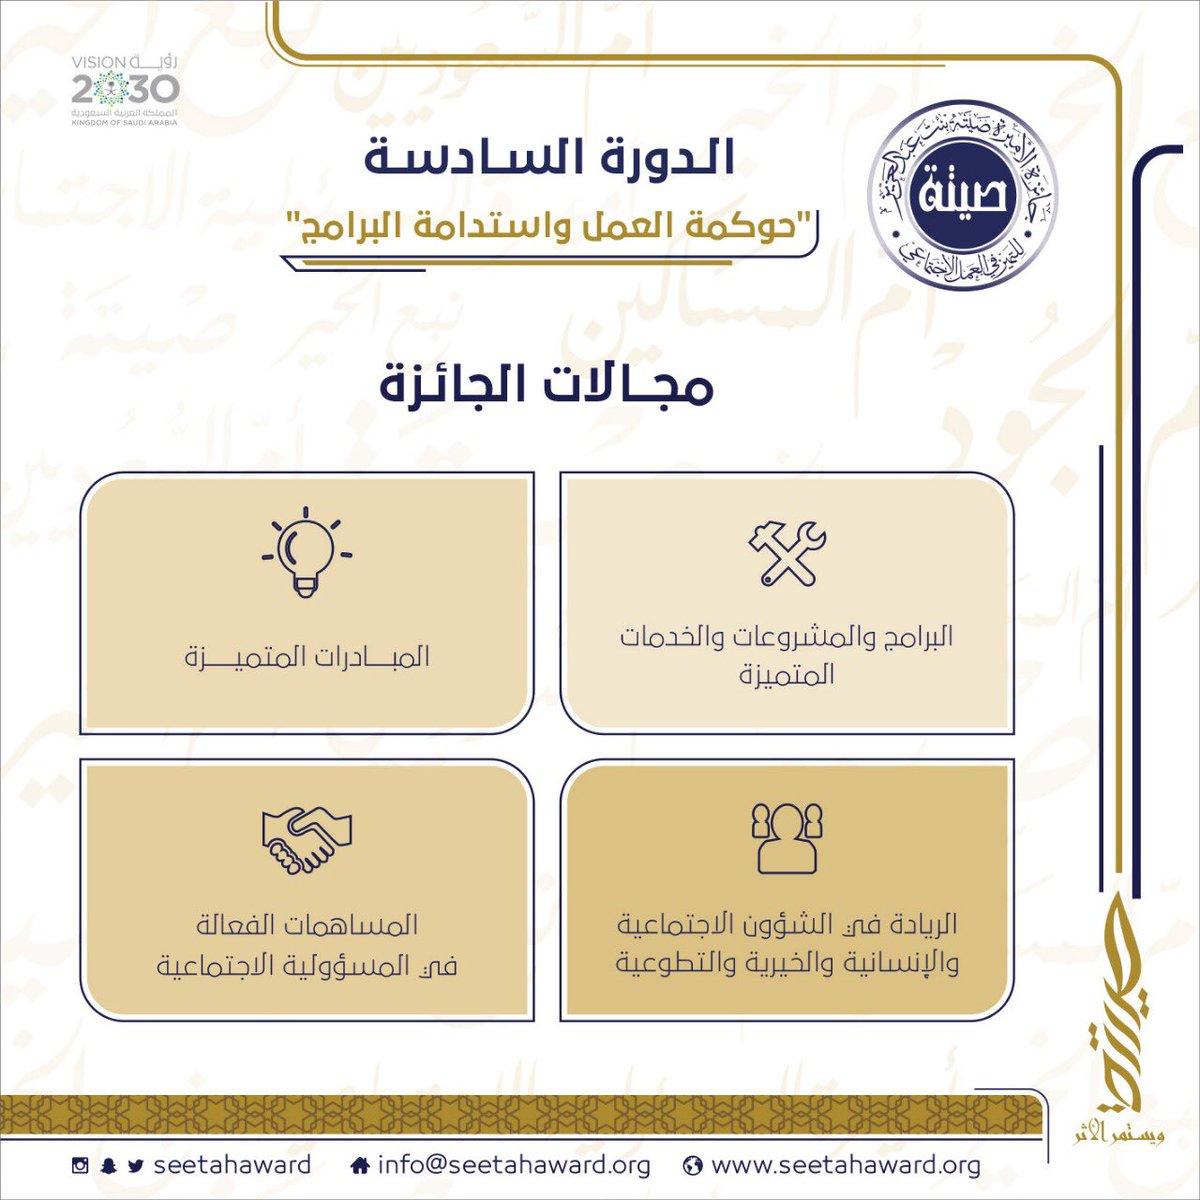 >مجالات جائزة الأميرة صيتة بنت عبدالعزيز للتميز في العمل الاجتماعي في دورتها السادسة